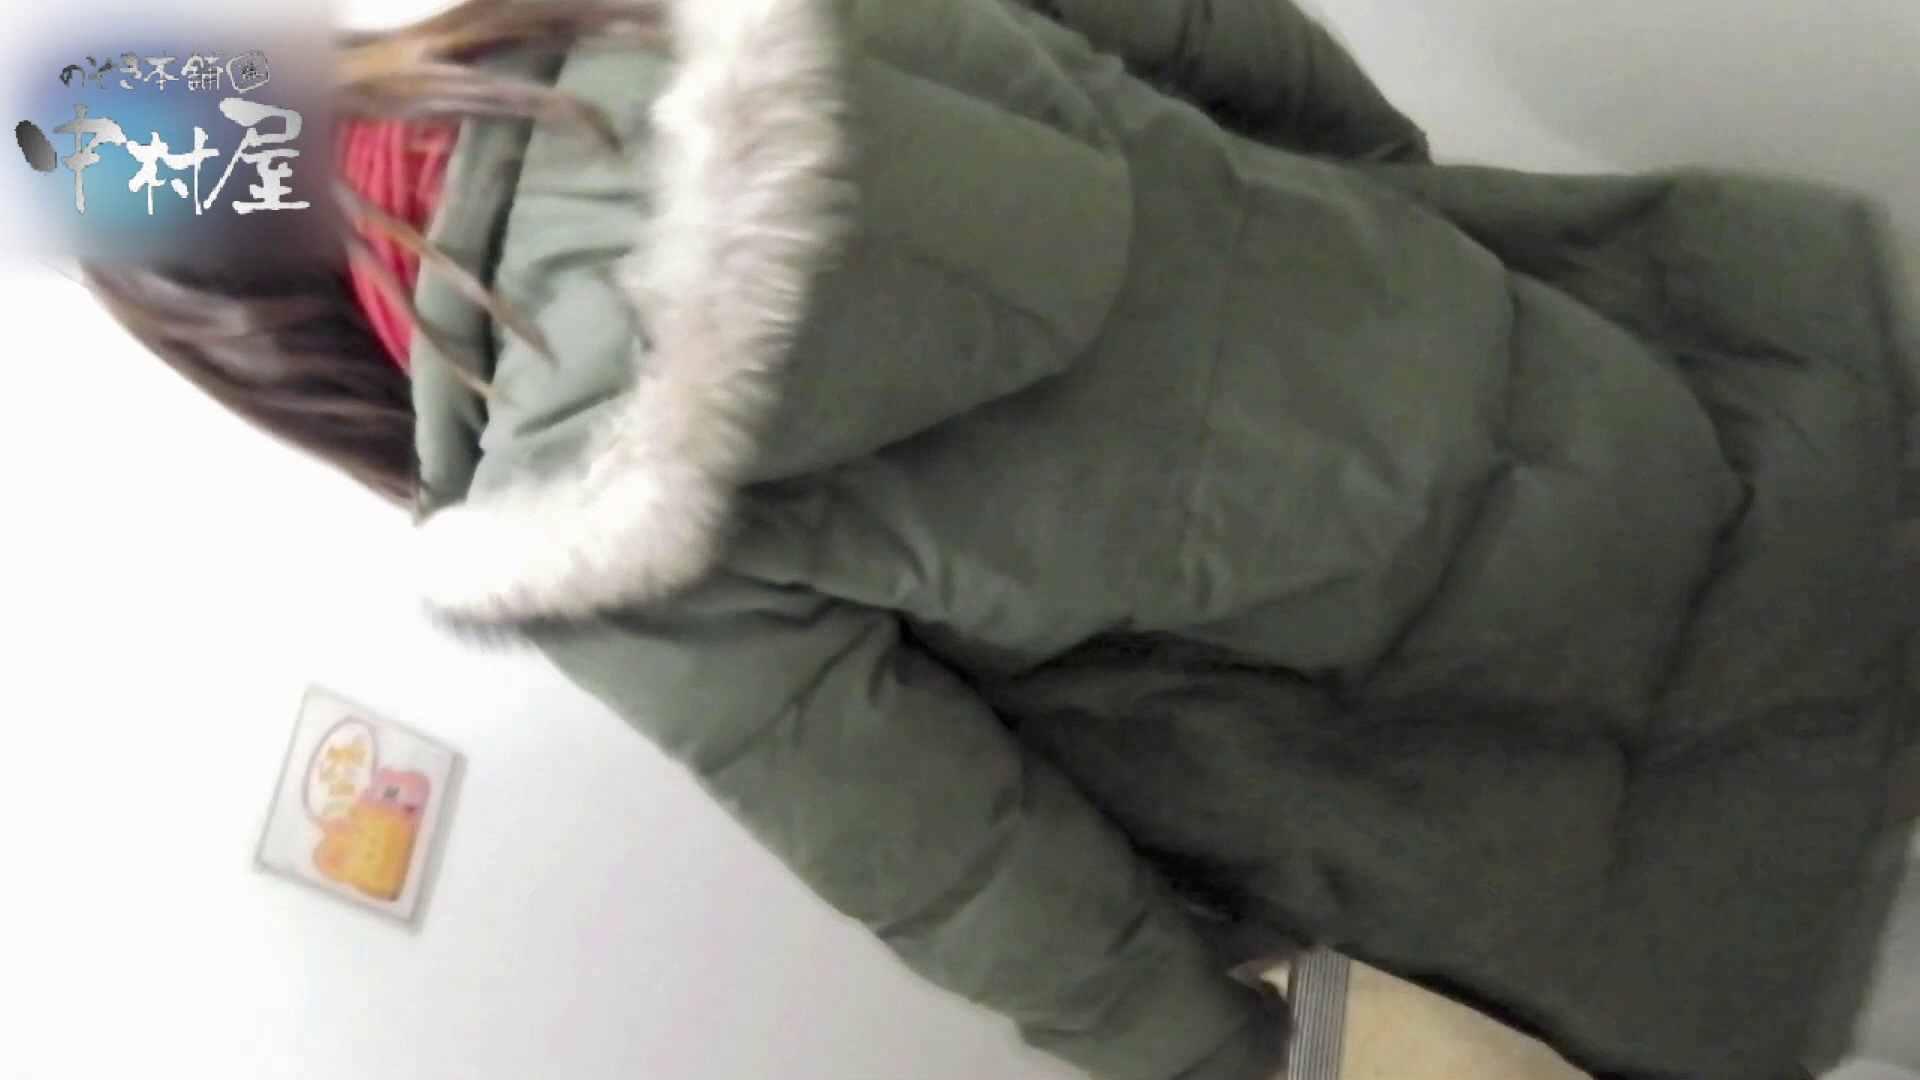 乙女集まる!ショッピングモール潜入撮vol.12 丸見え のぞき動画画像 76連発 22